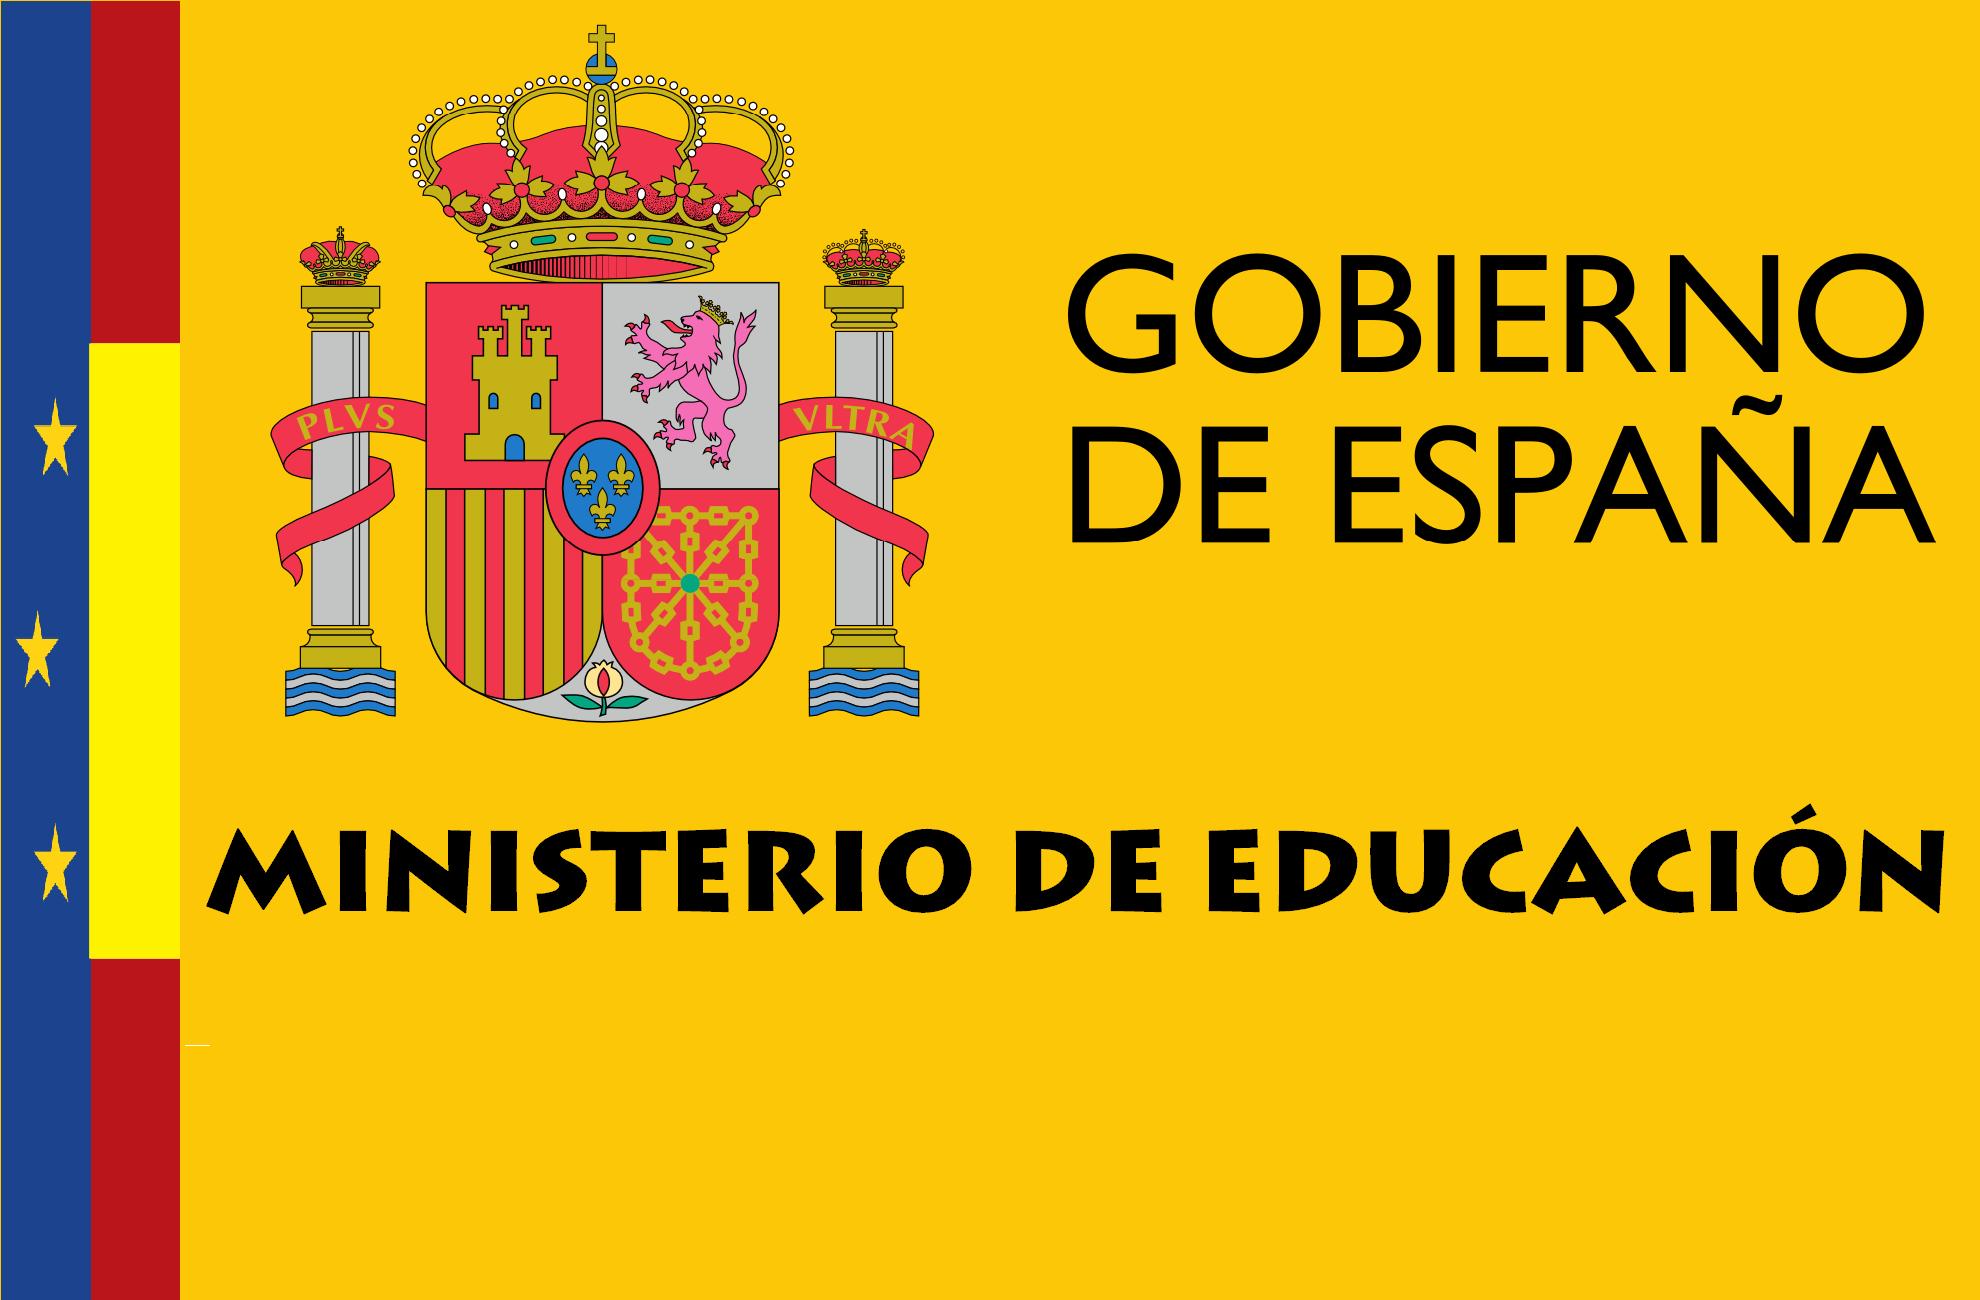 Sede electrónica del Ministerio de Educación